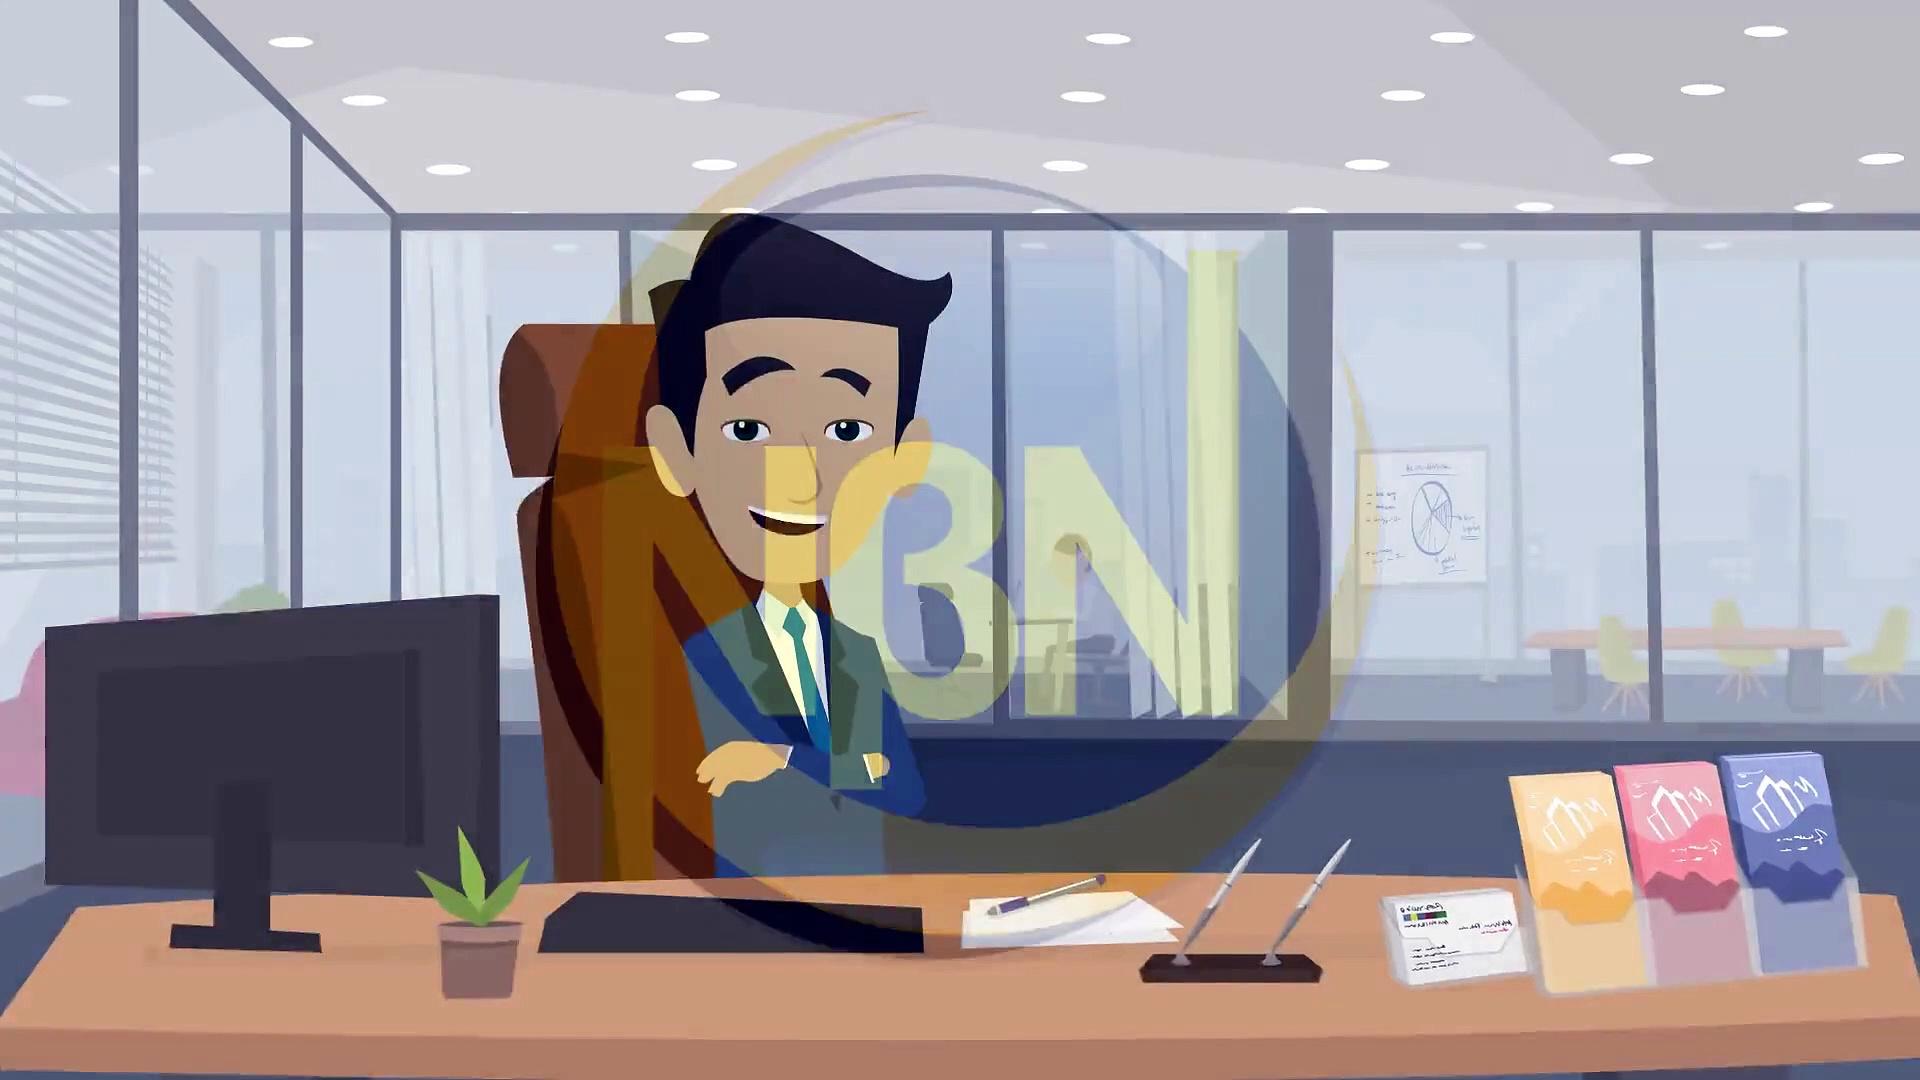 NBN Media Memberships